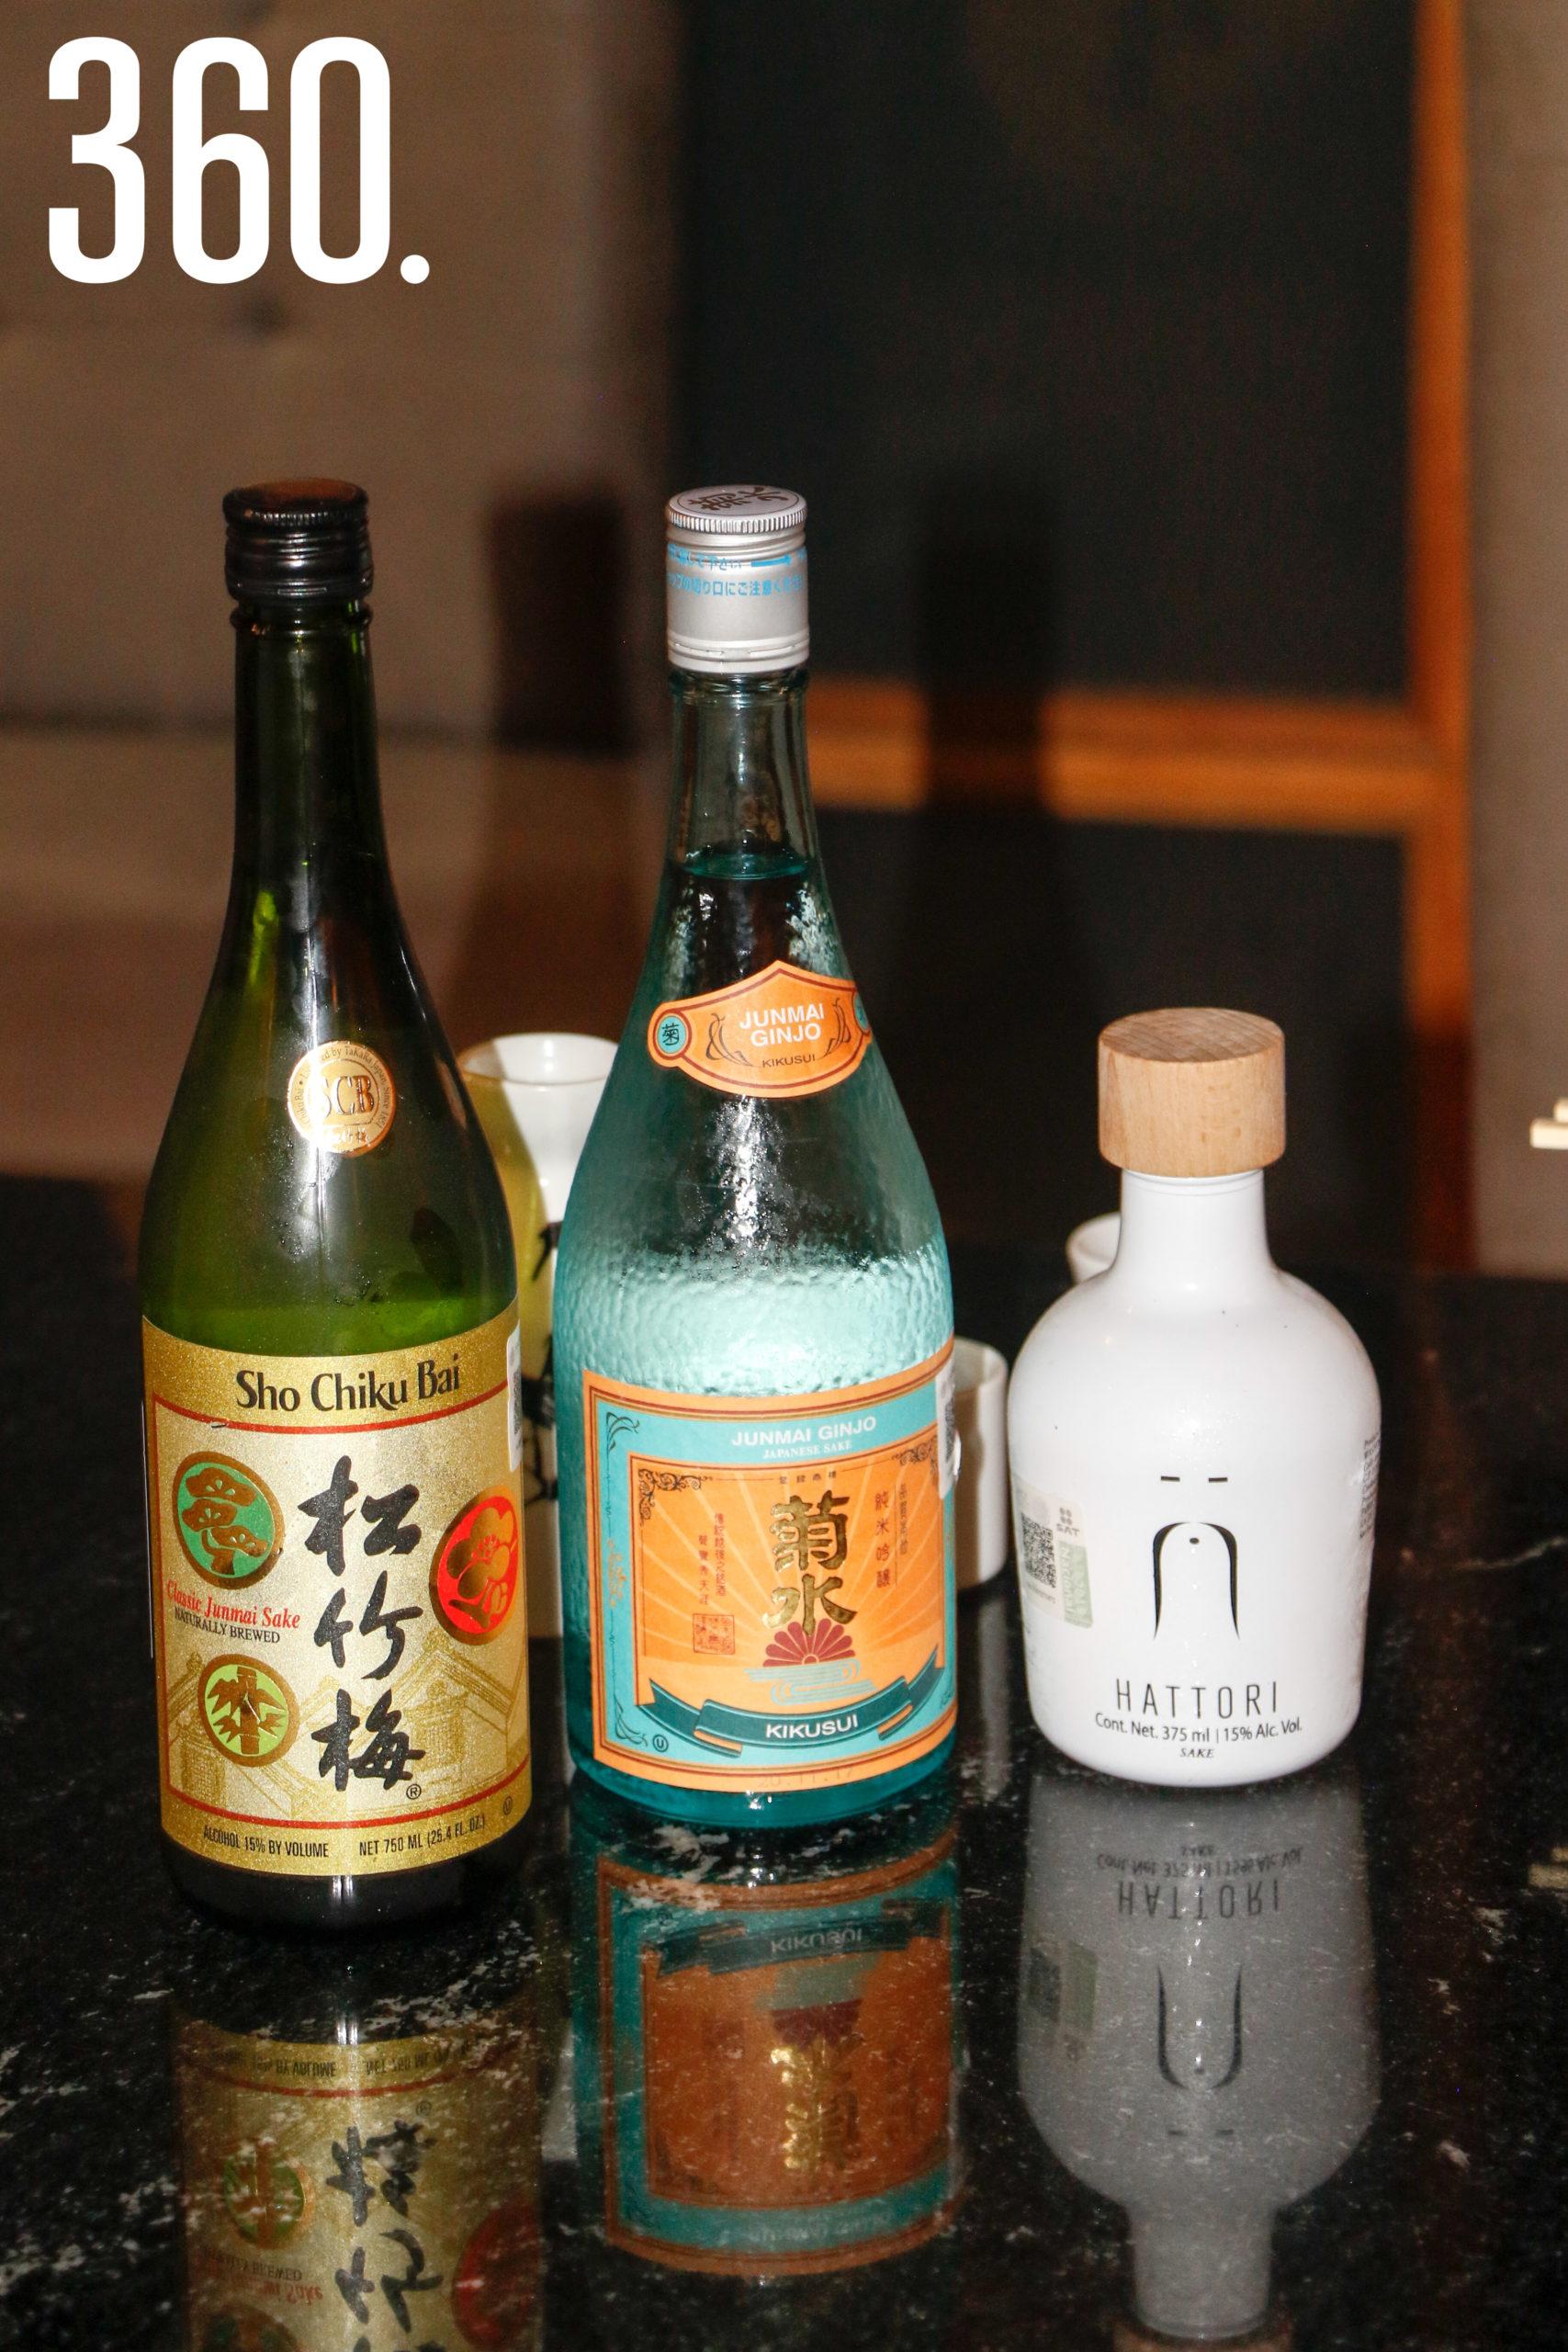 Los comensales disfrutarán de distintos tipos de sake.